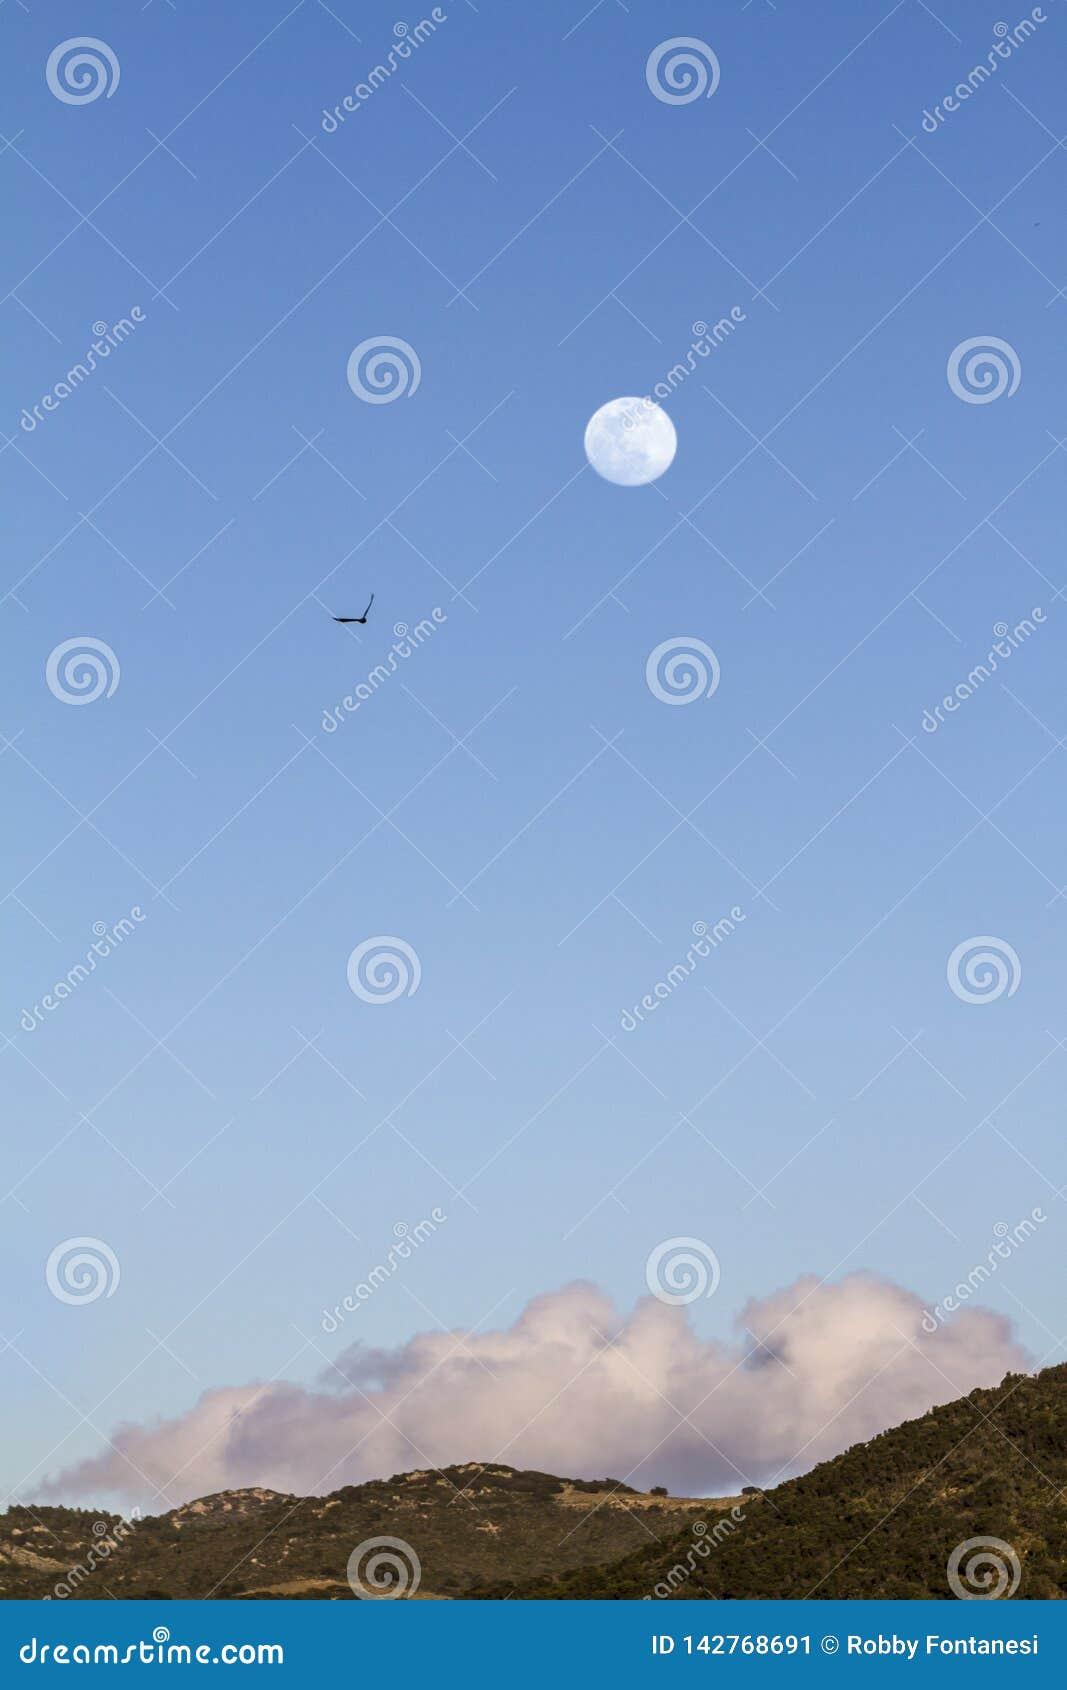 Vollmond in der Dämmerungszeit im klaren blauen Himmel mit einer Wolke, die auf dem Hügel unten und dem Schattenbild von einem